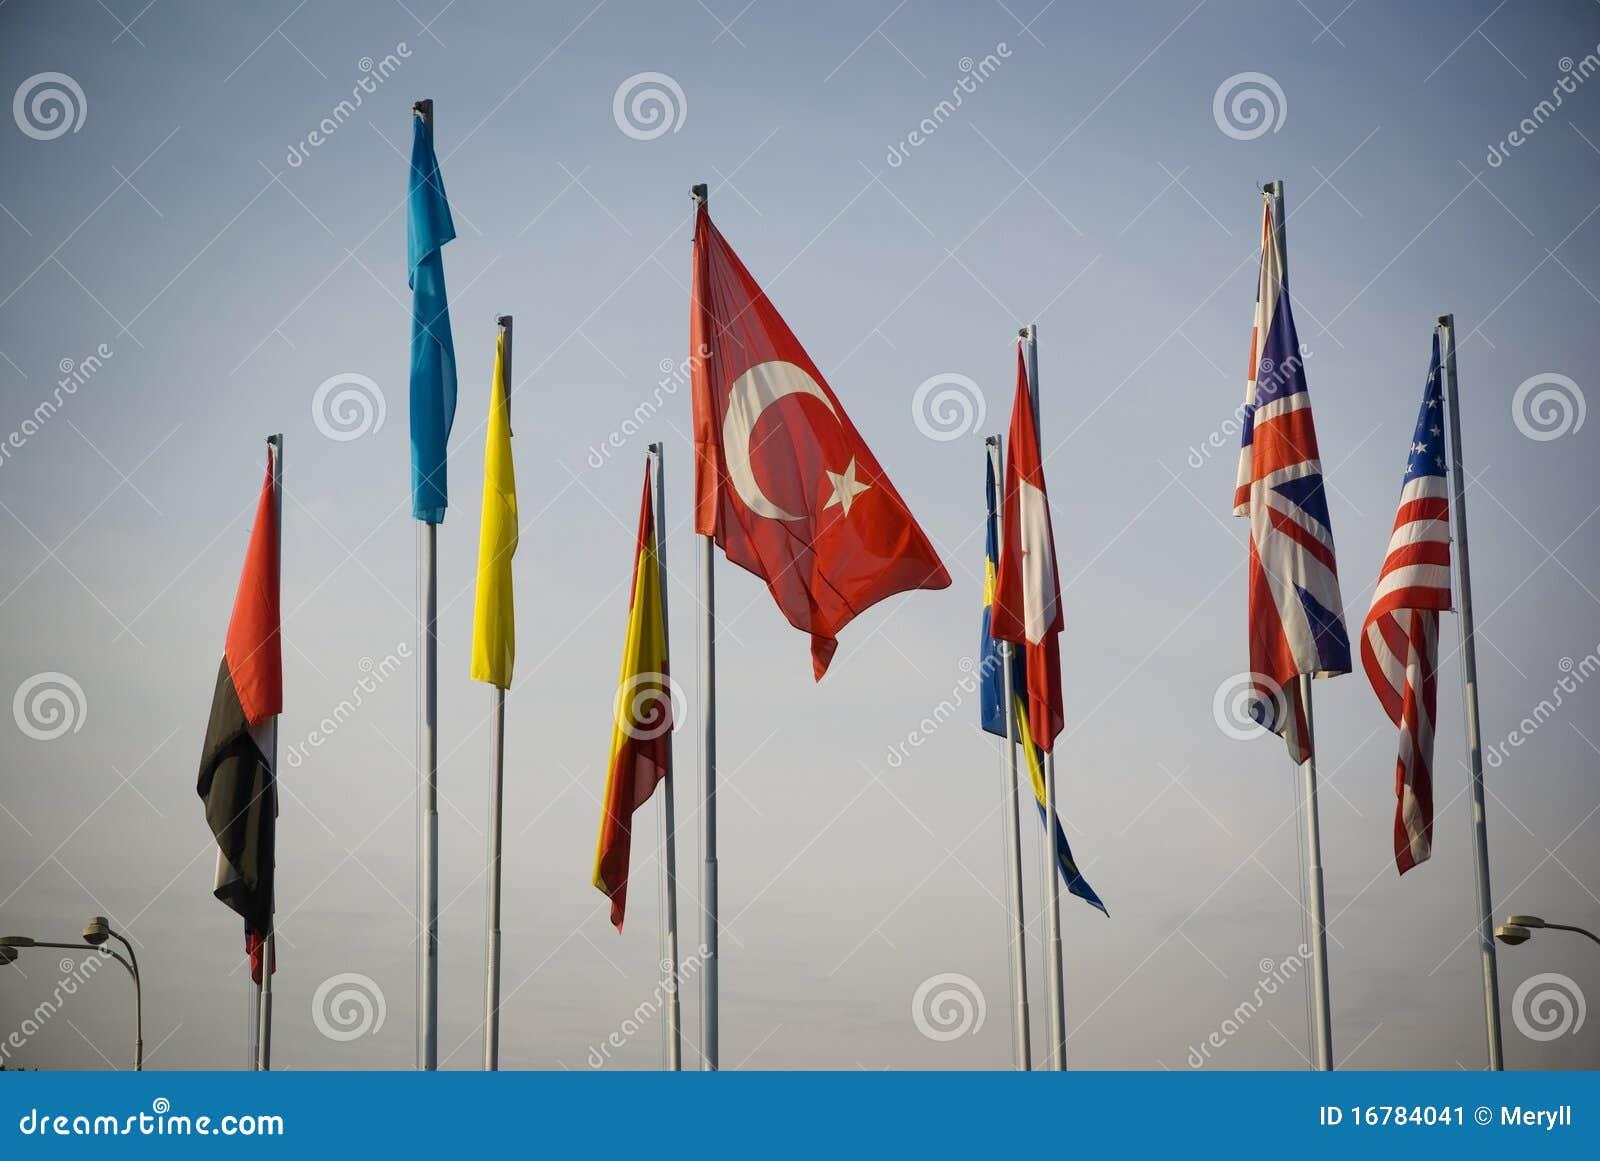 Flaggan flags den internationella kalkonen